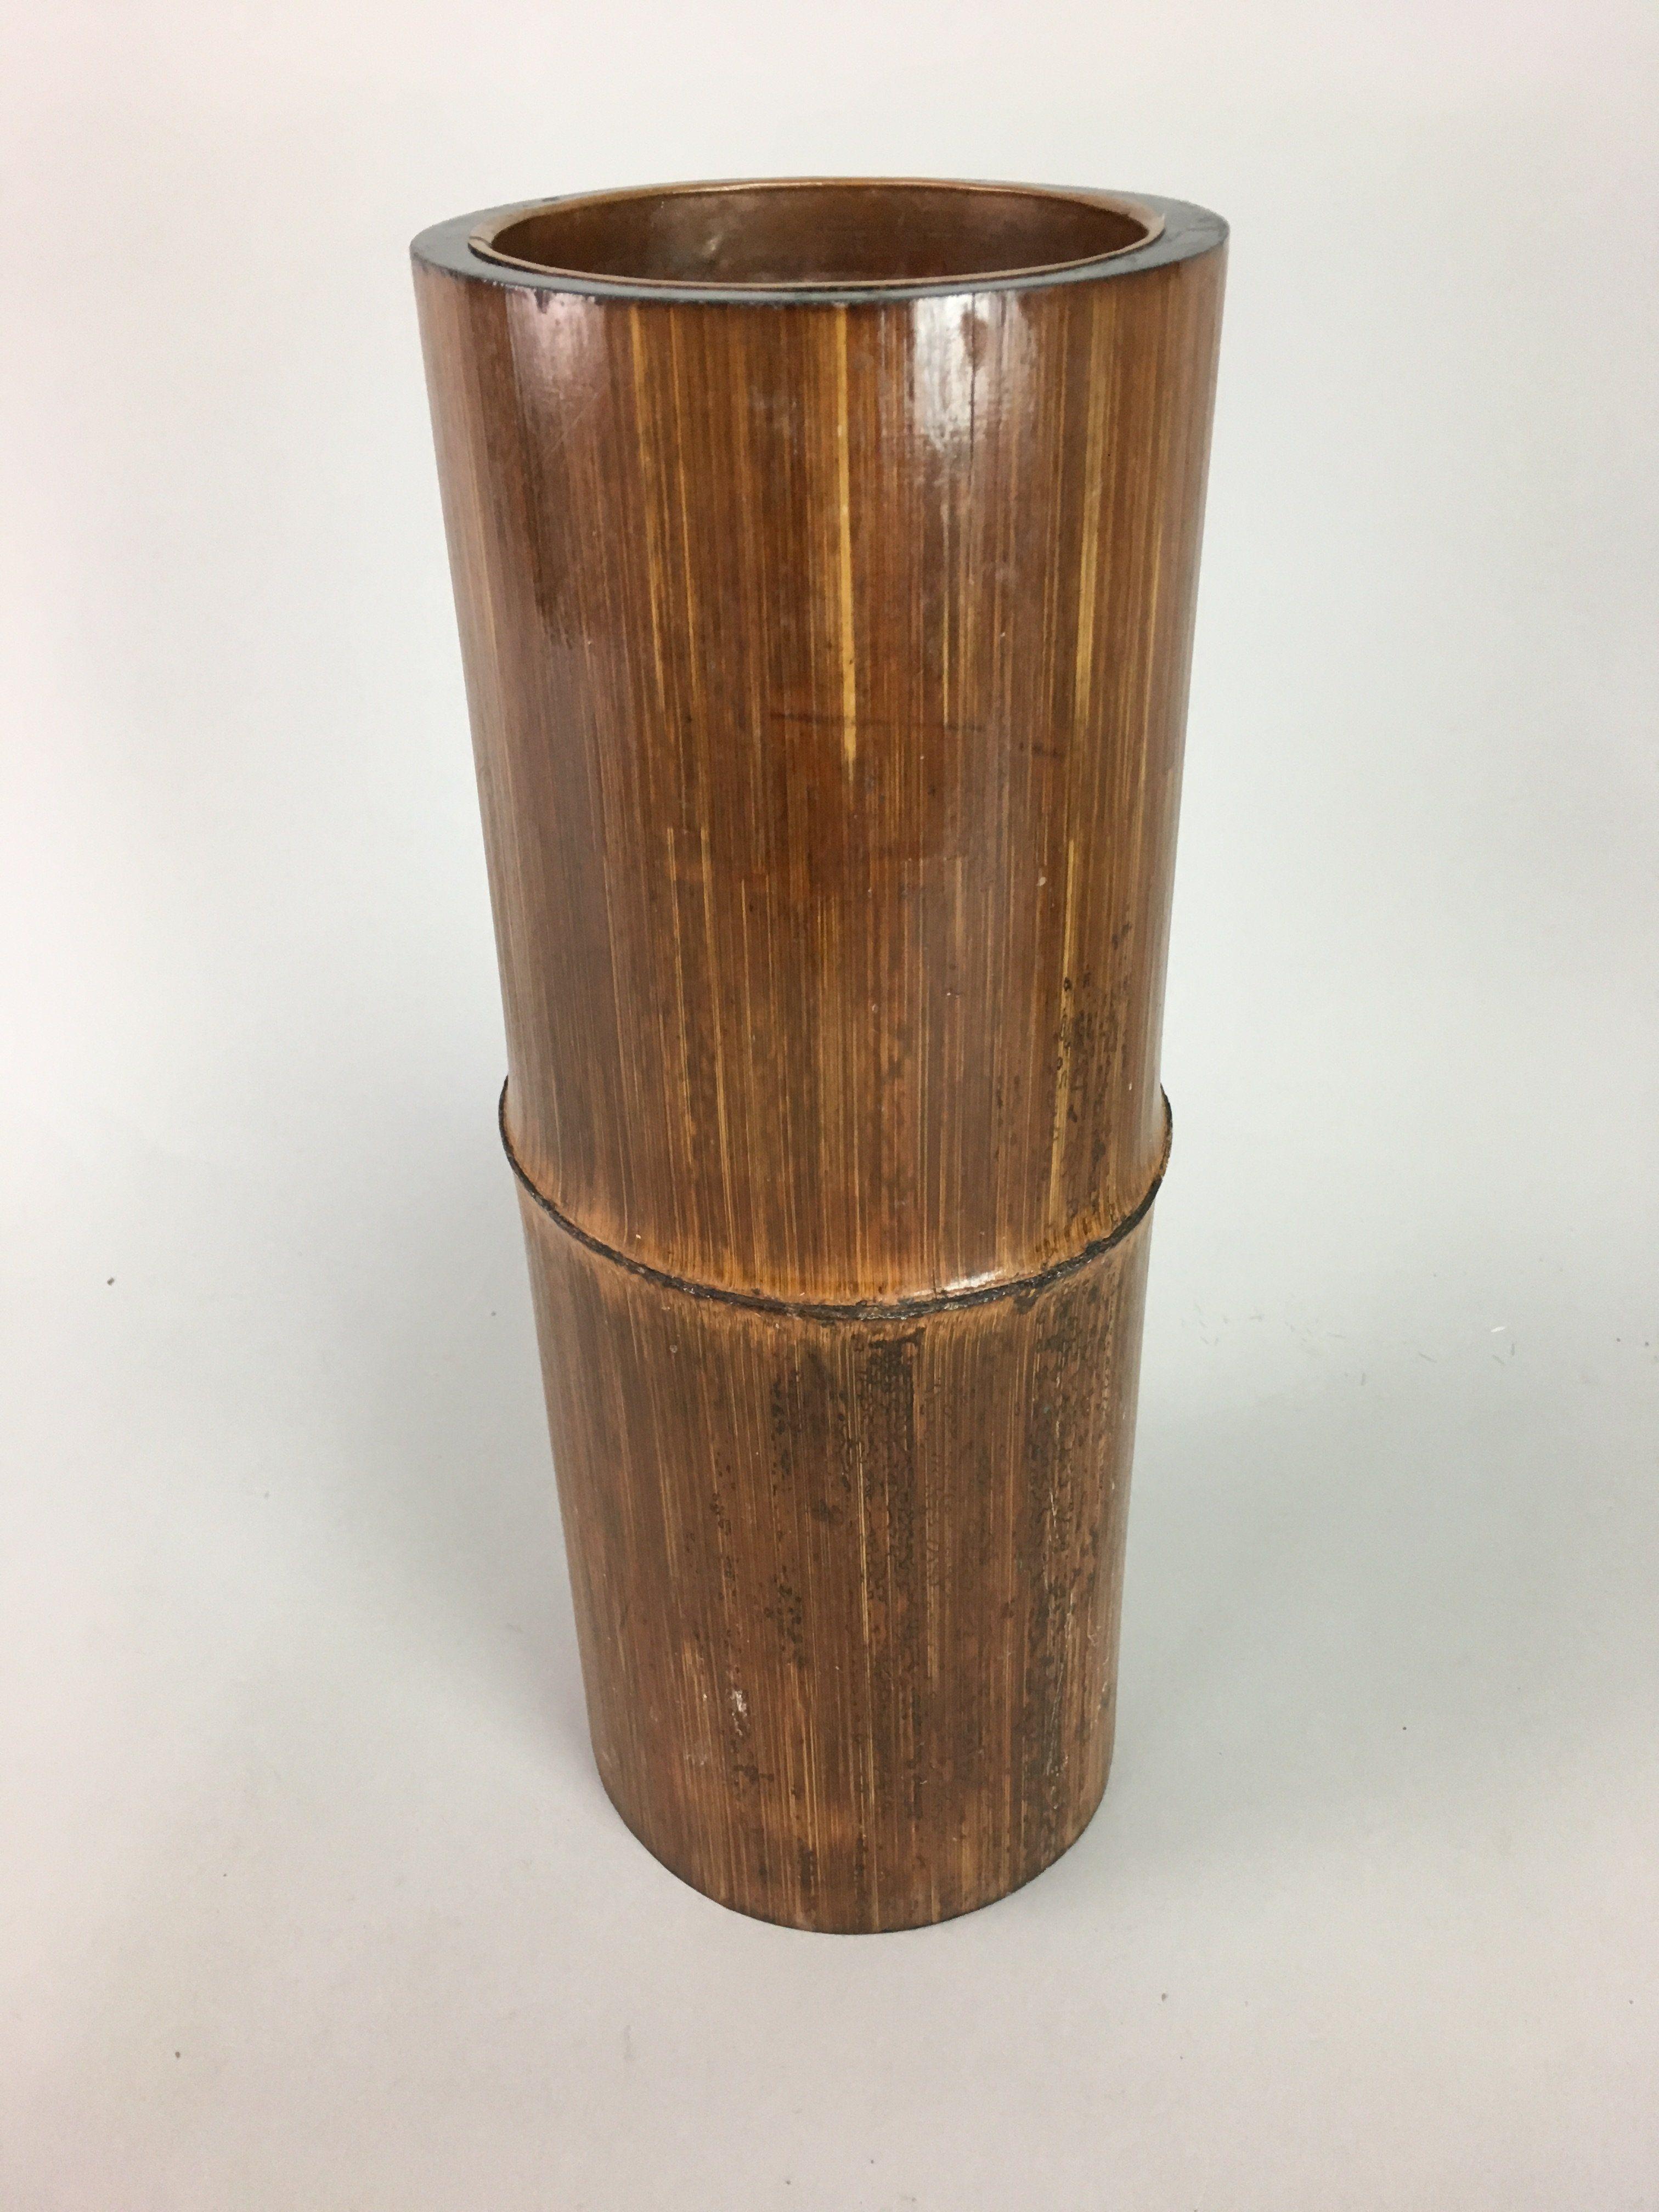 Japanese Bamboo Flower Vase Ikebana